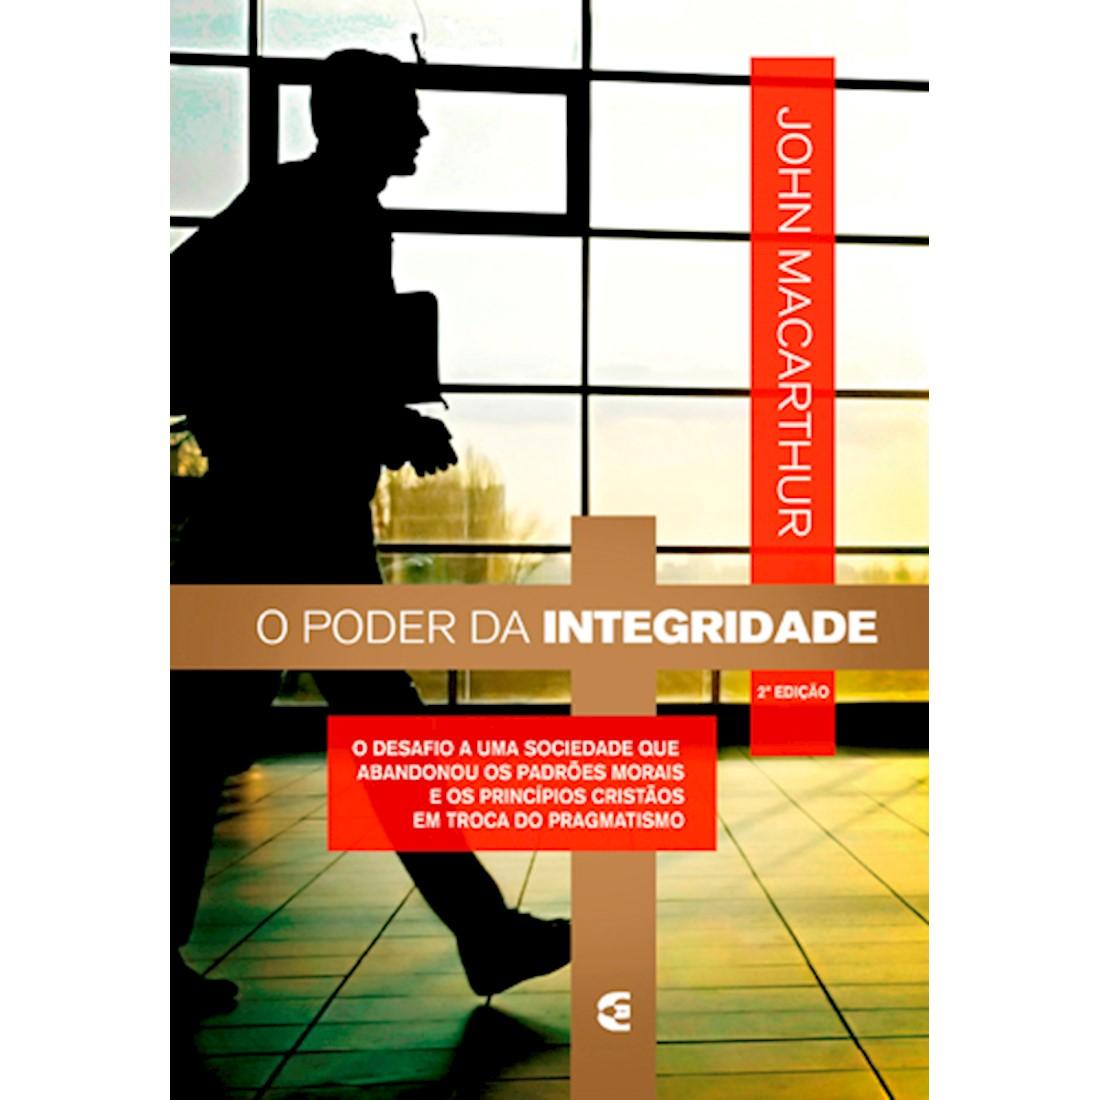 Livro O Poder da Integridade - 2ª Edição